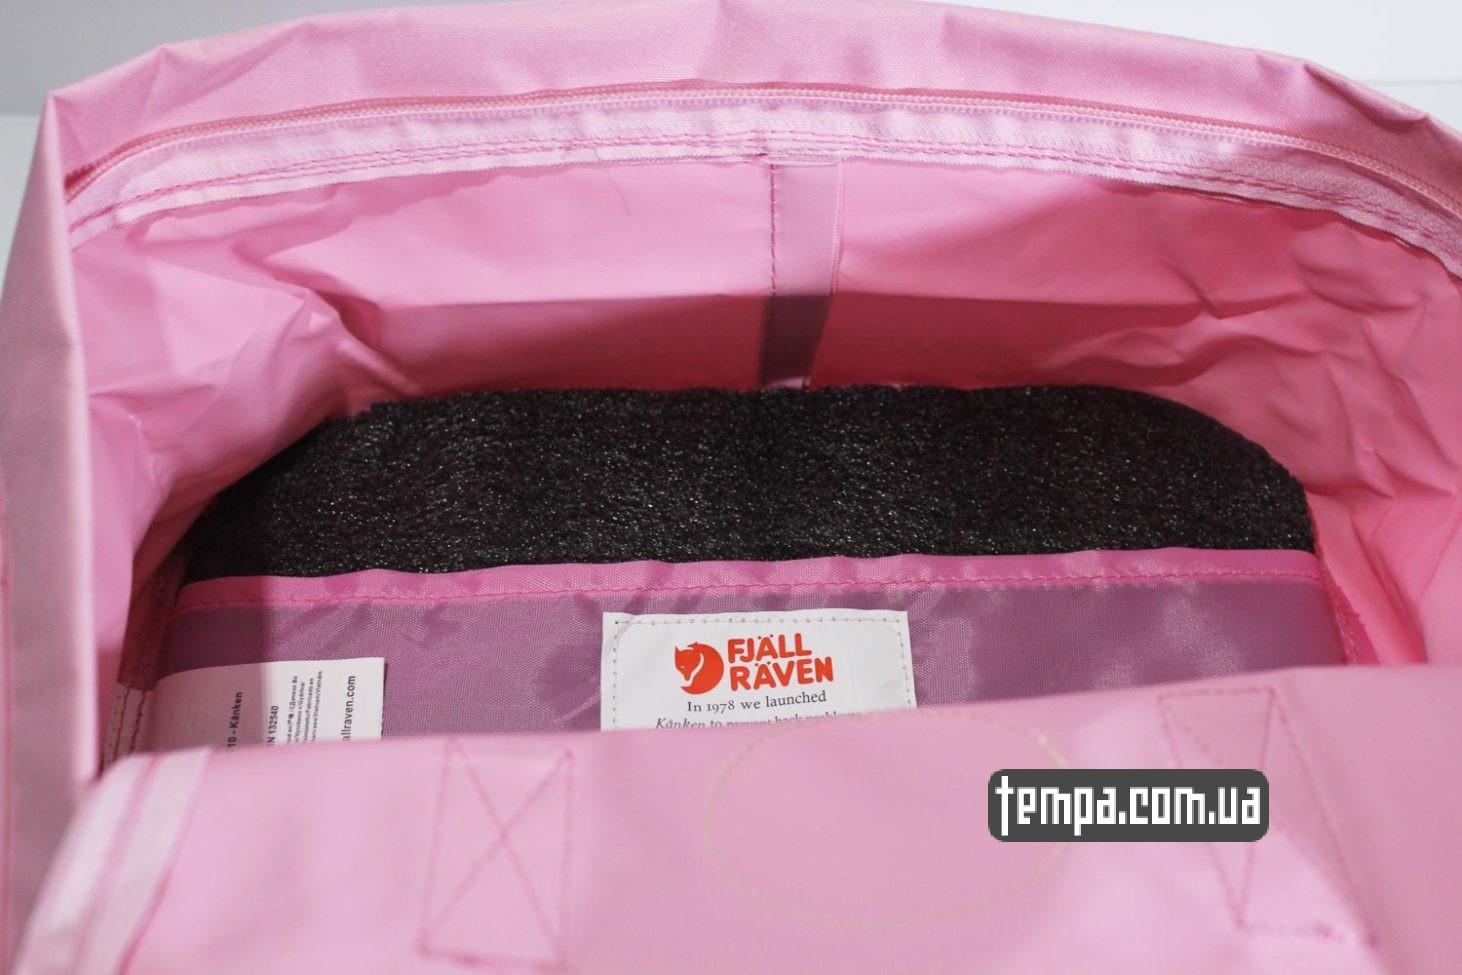 женская сумка подарок рюкзак Kånken — Fjällräven розовый яркий купить Украина